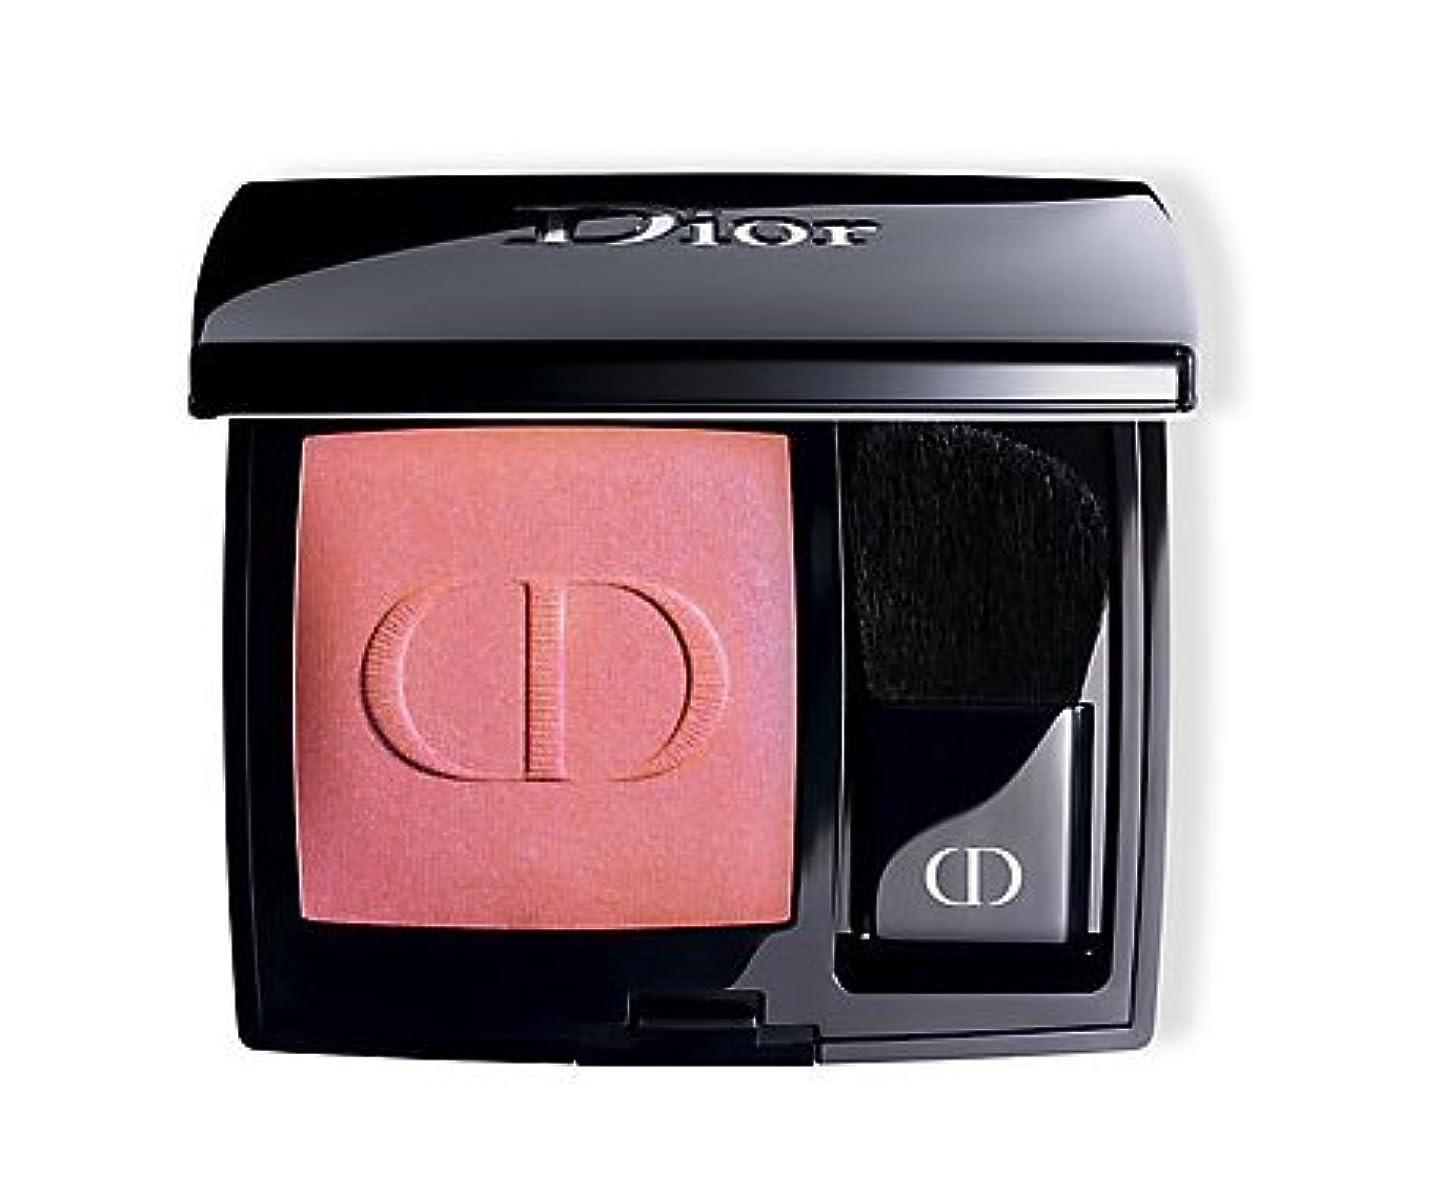 インターネット結論泥沼【国内正規品】Dior ディオール ディオールスキン ルージュ ブラッシュ(チークカラー)#601 ホログラム